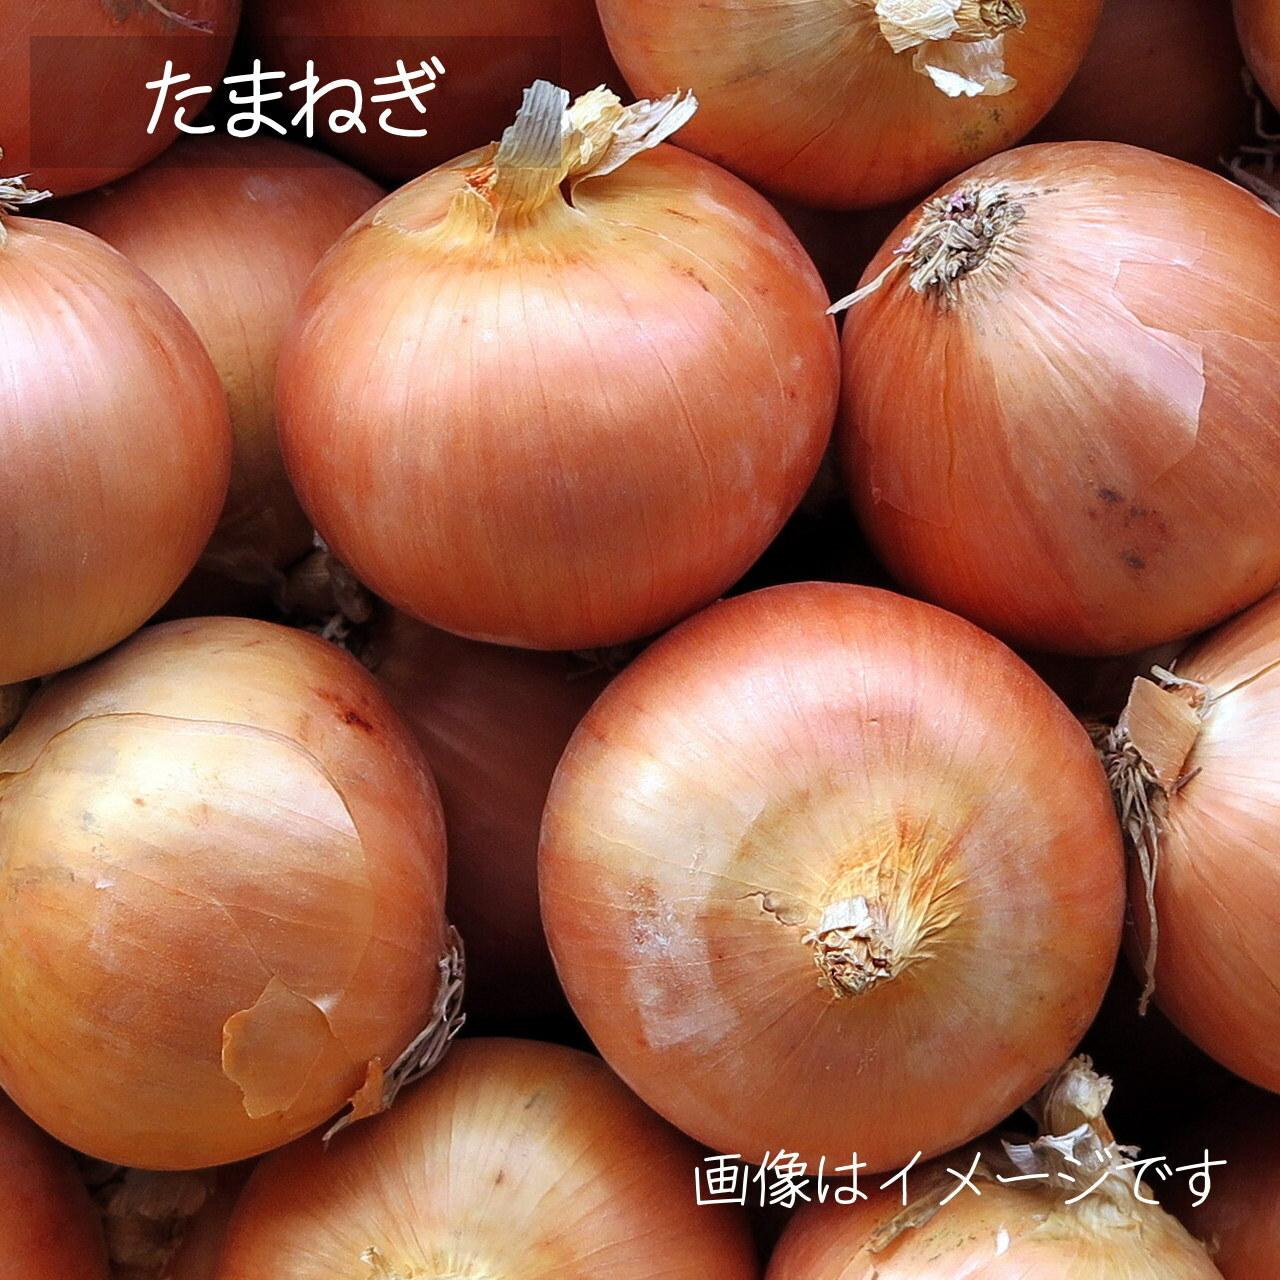 新鮮な秋野菜 : たまねぎ 約250g 10月の朝採り直売野菜 10月19日発送予定